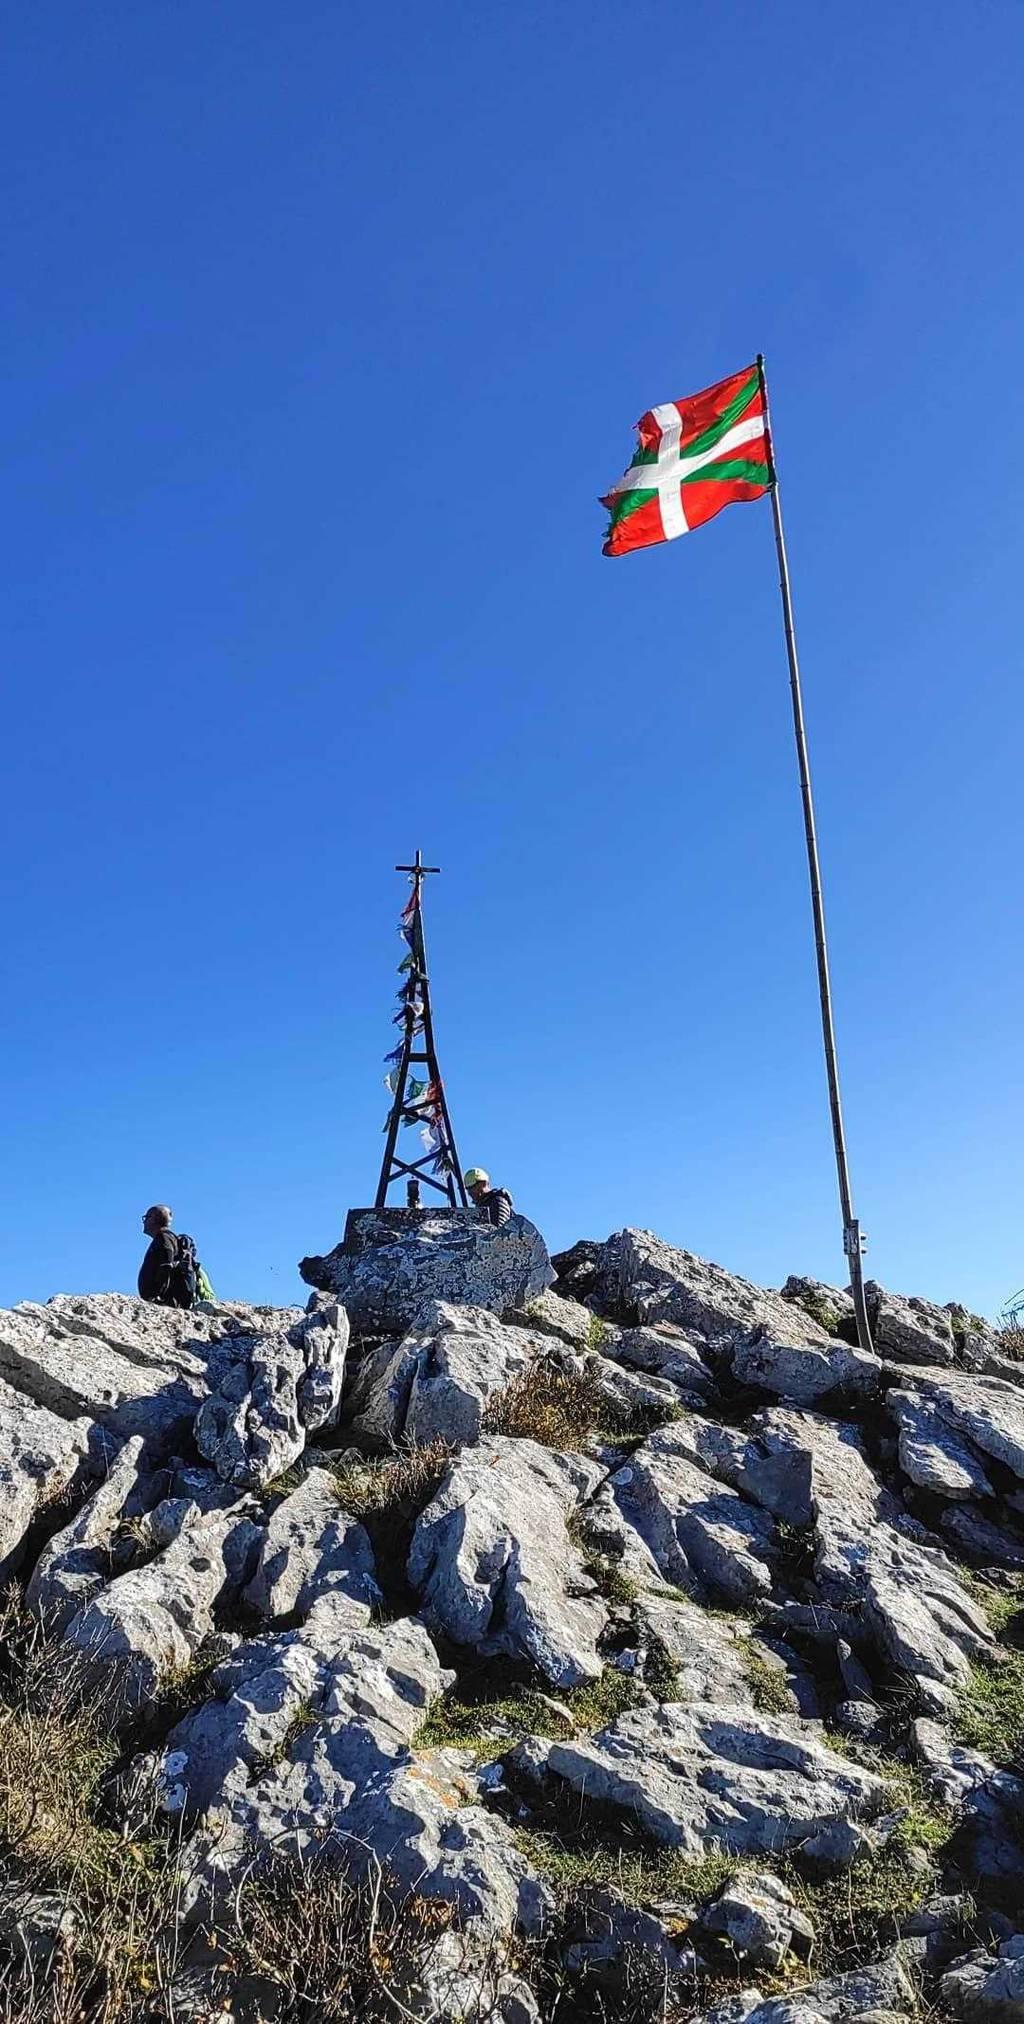 Oiertxo smith erabiltzailea Pico de la Cruz puntan, 2020-11-22 13:42